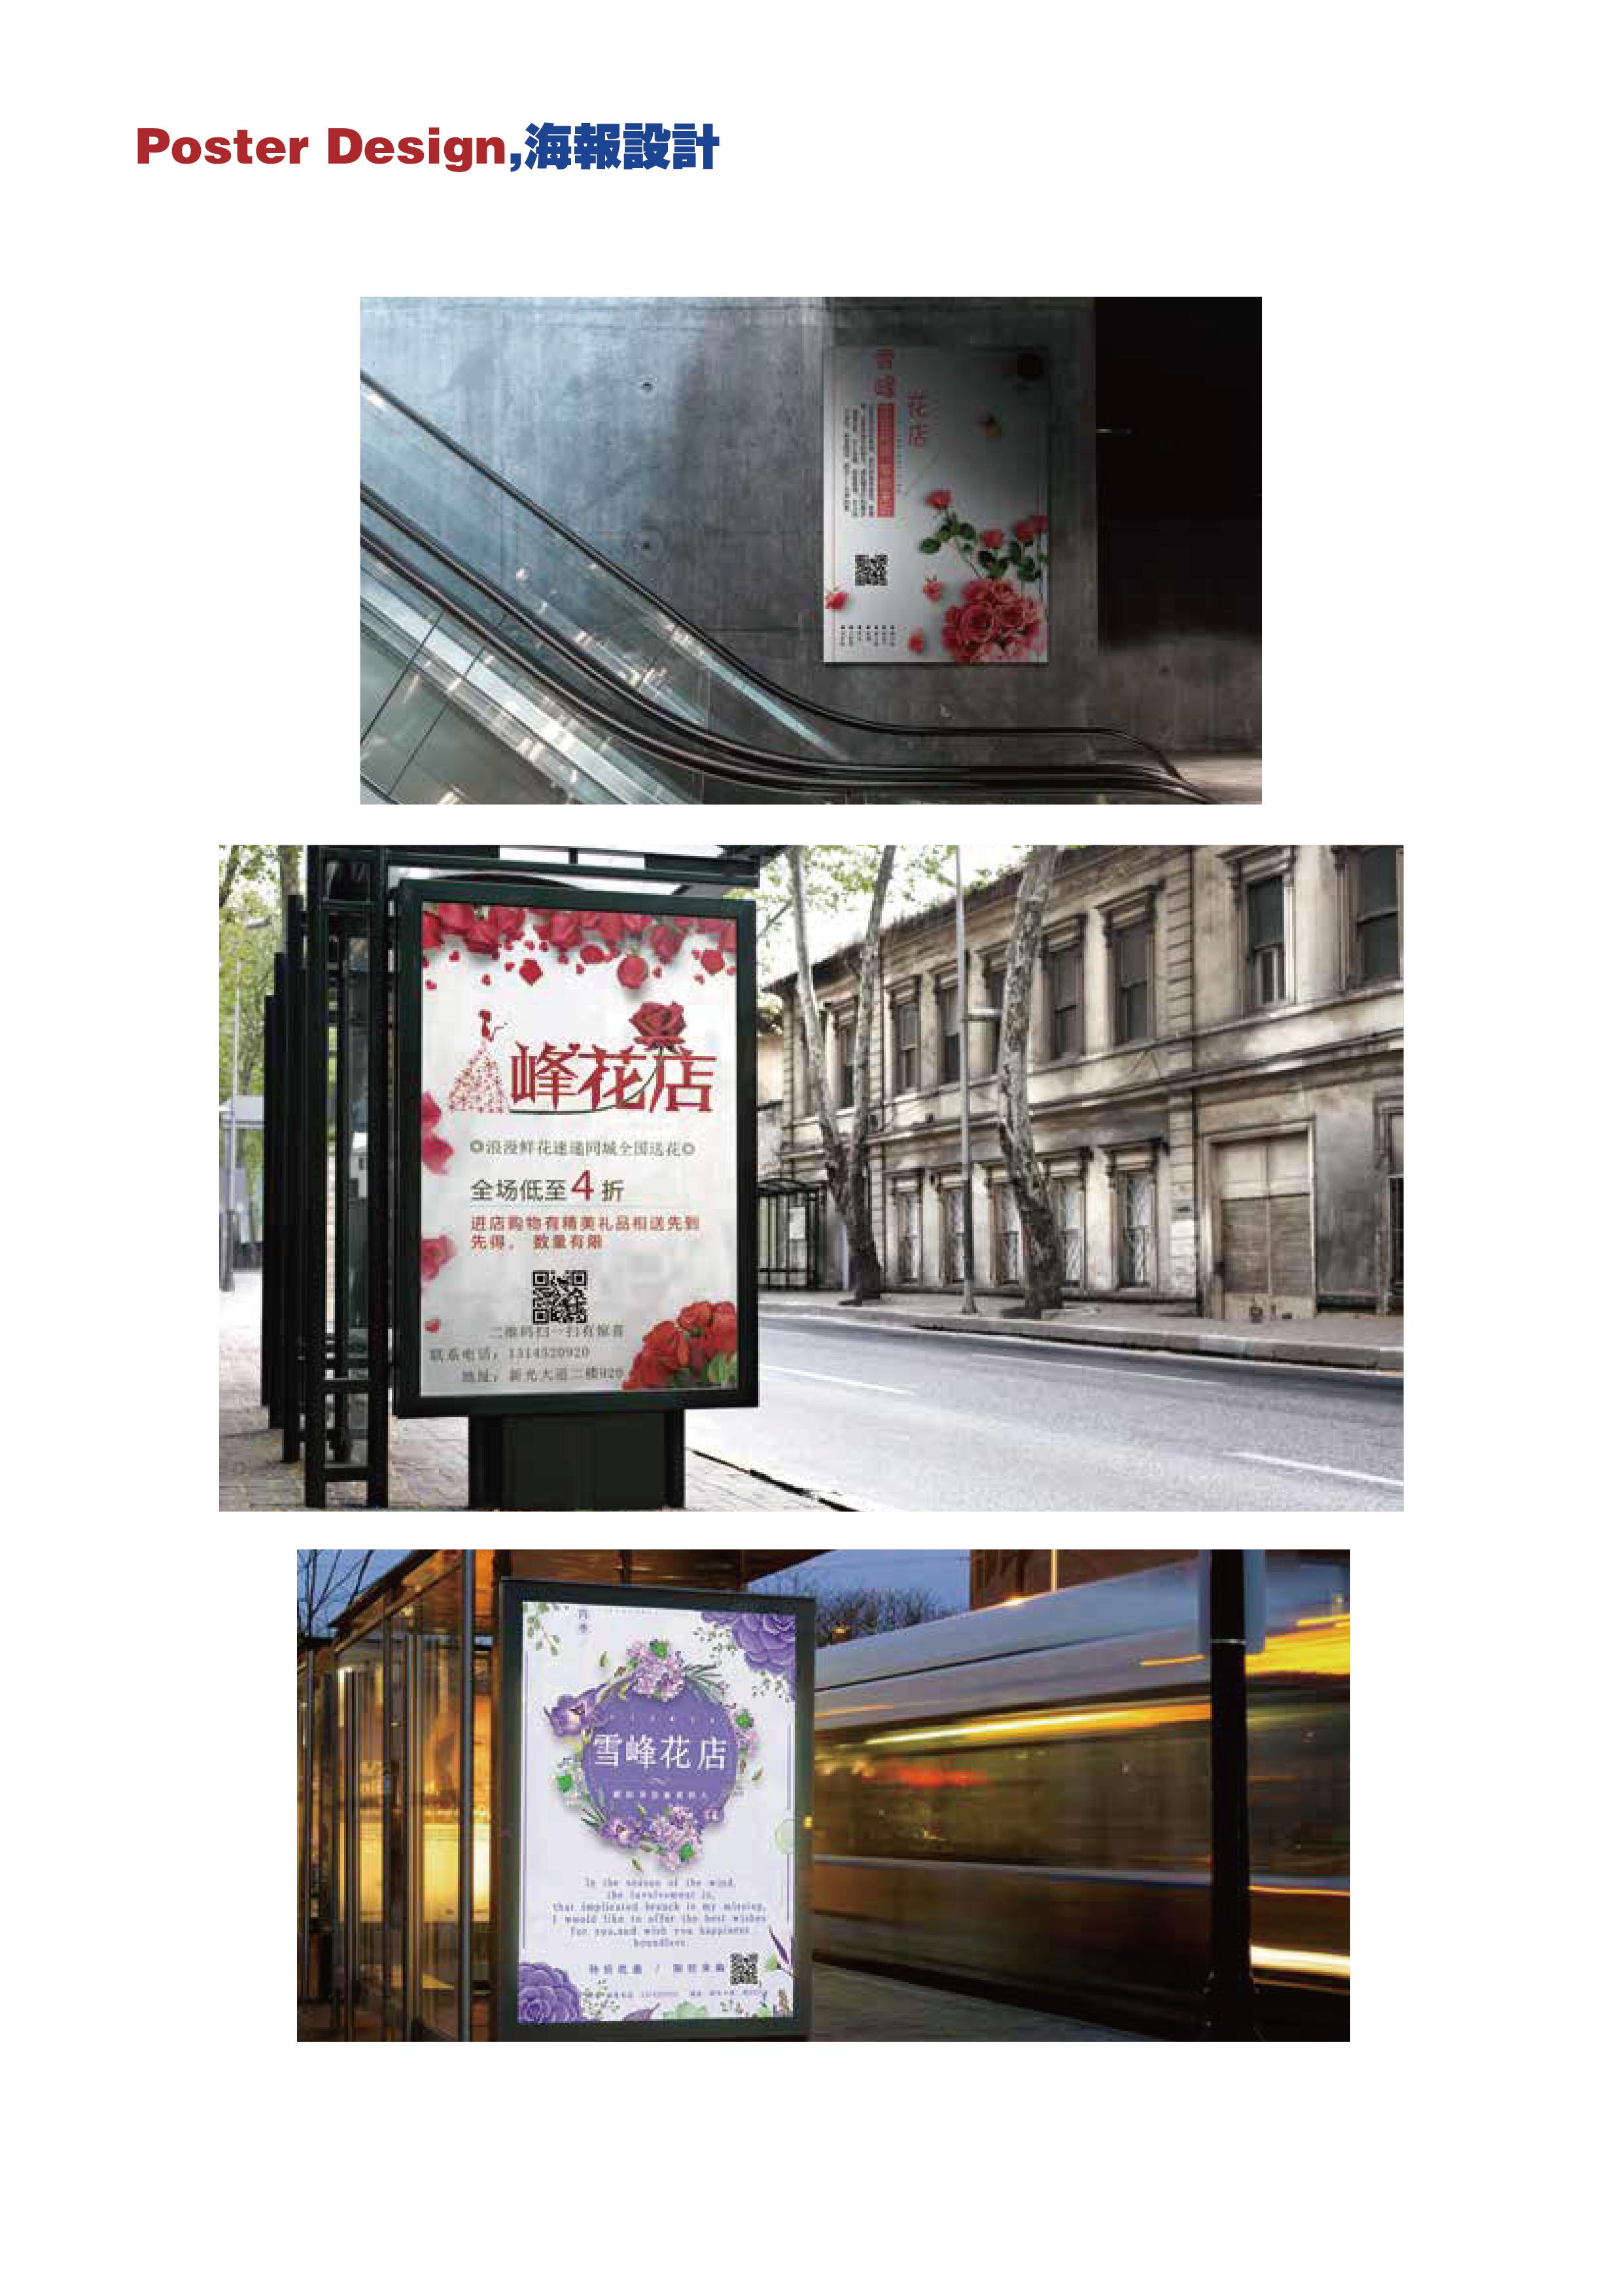 广告宣传单海报易拉宝墙体灯箱广告牌网络广告原创设计策划